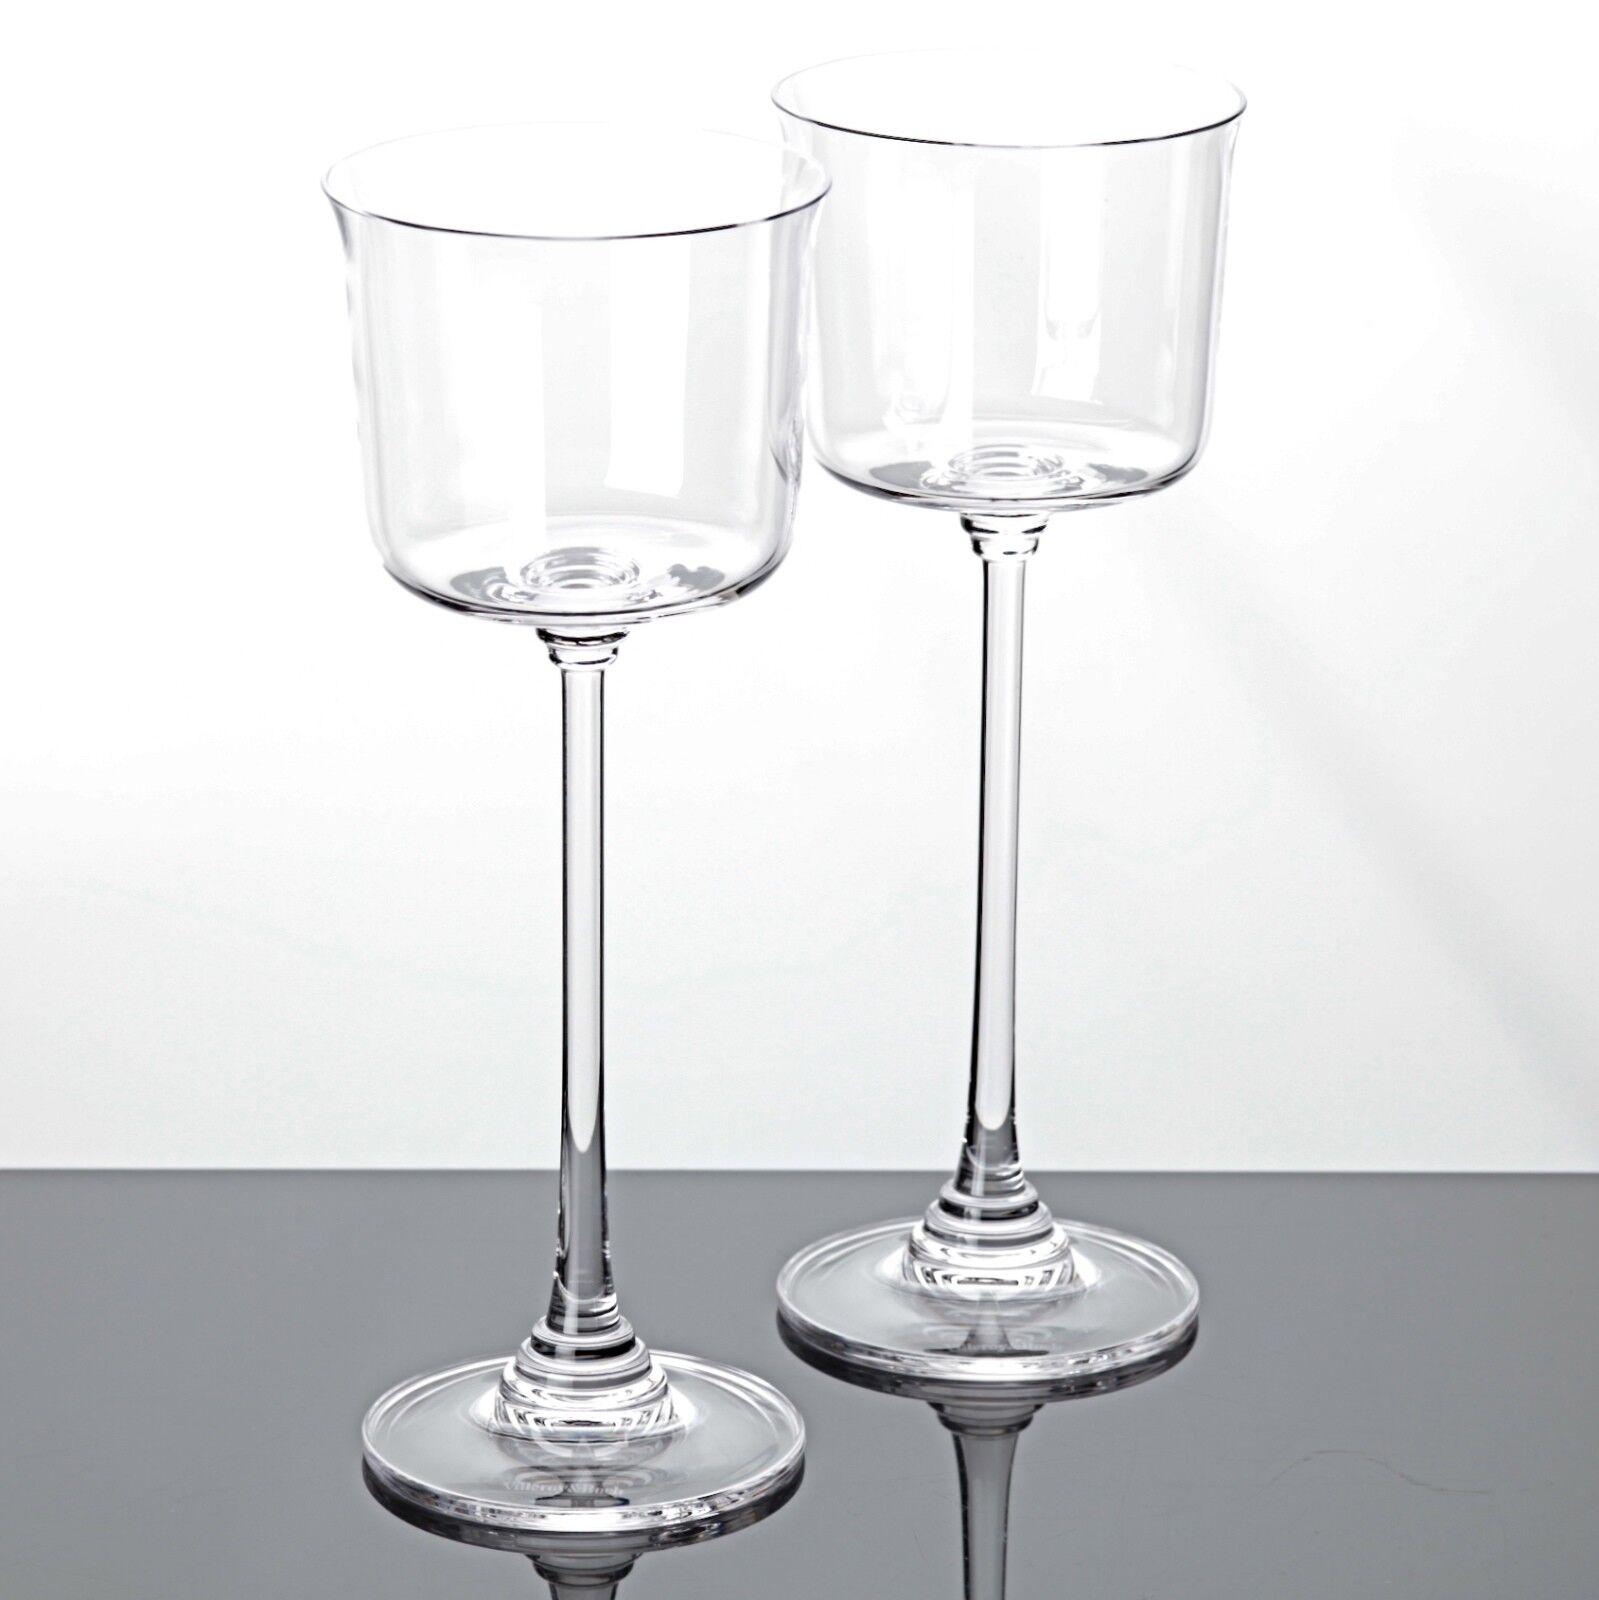 2 Weingläser Villeroy & Boch VB Lilian Bleikristall Gläser 22 cm Wassergläser | Große Klassifizierung